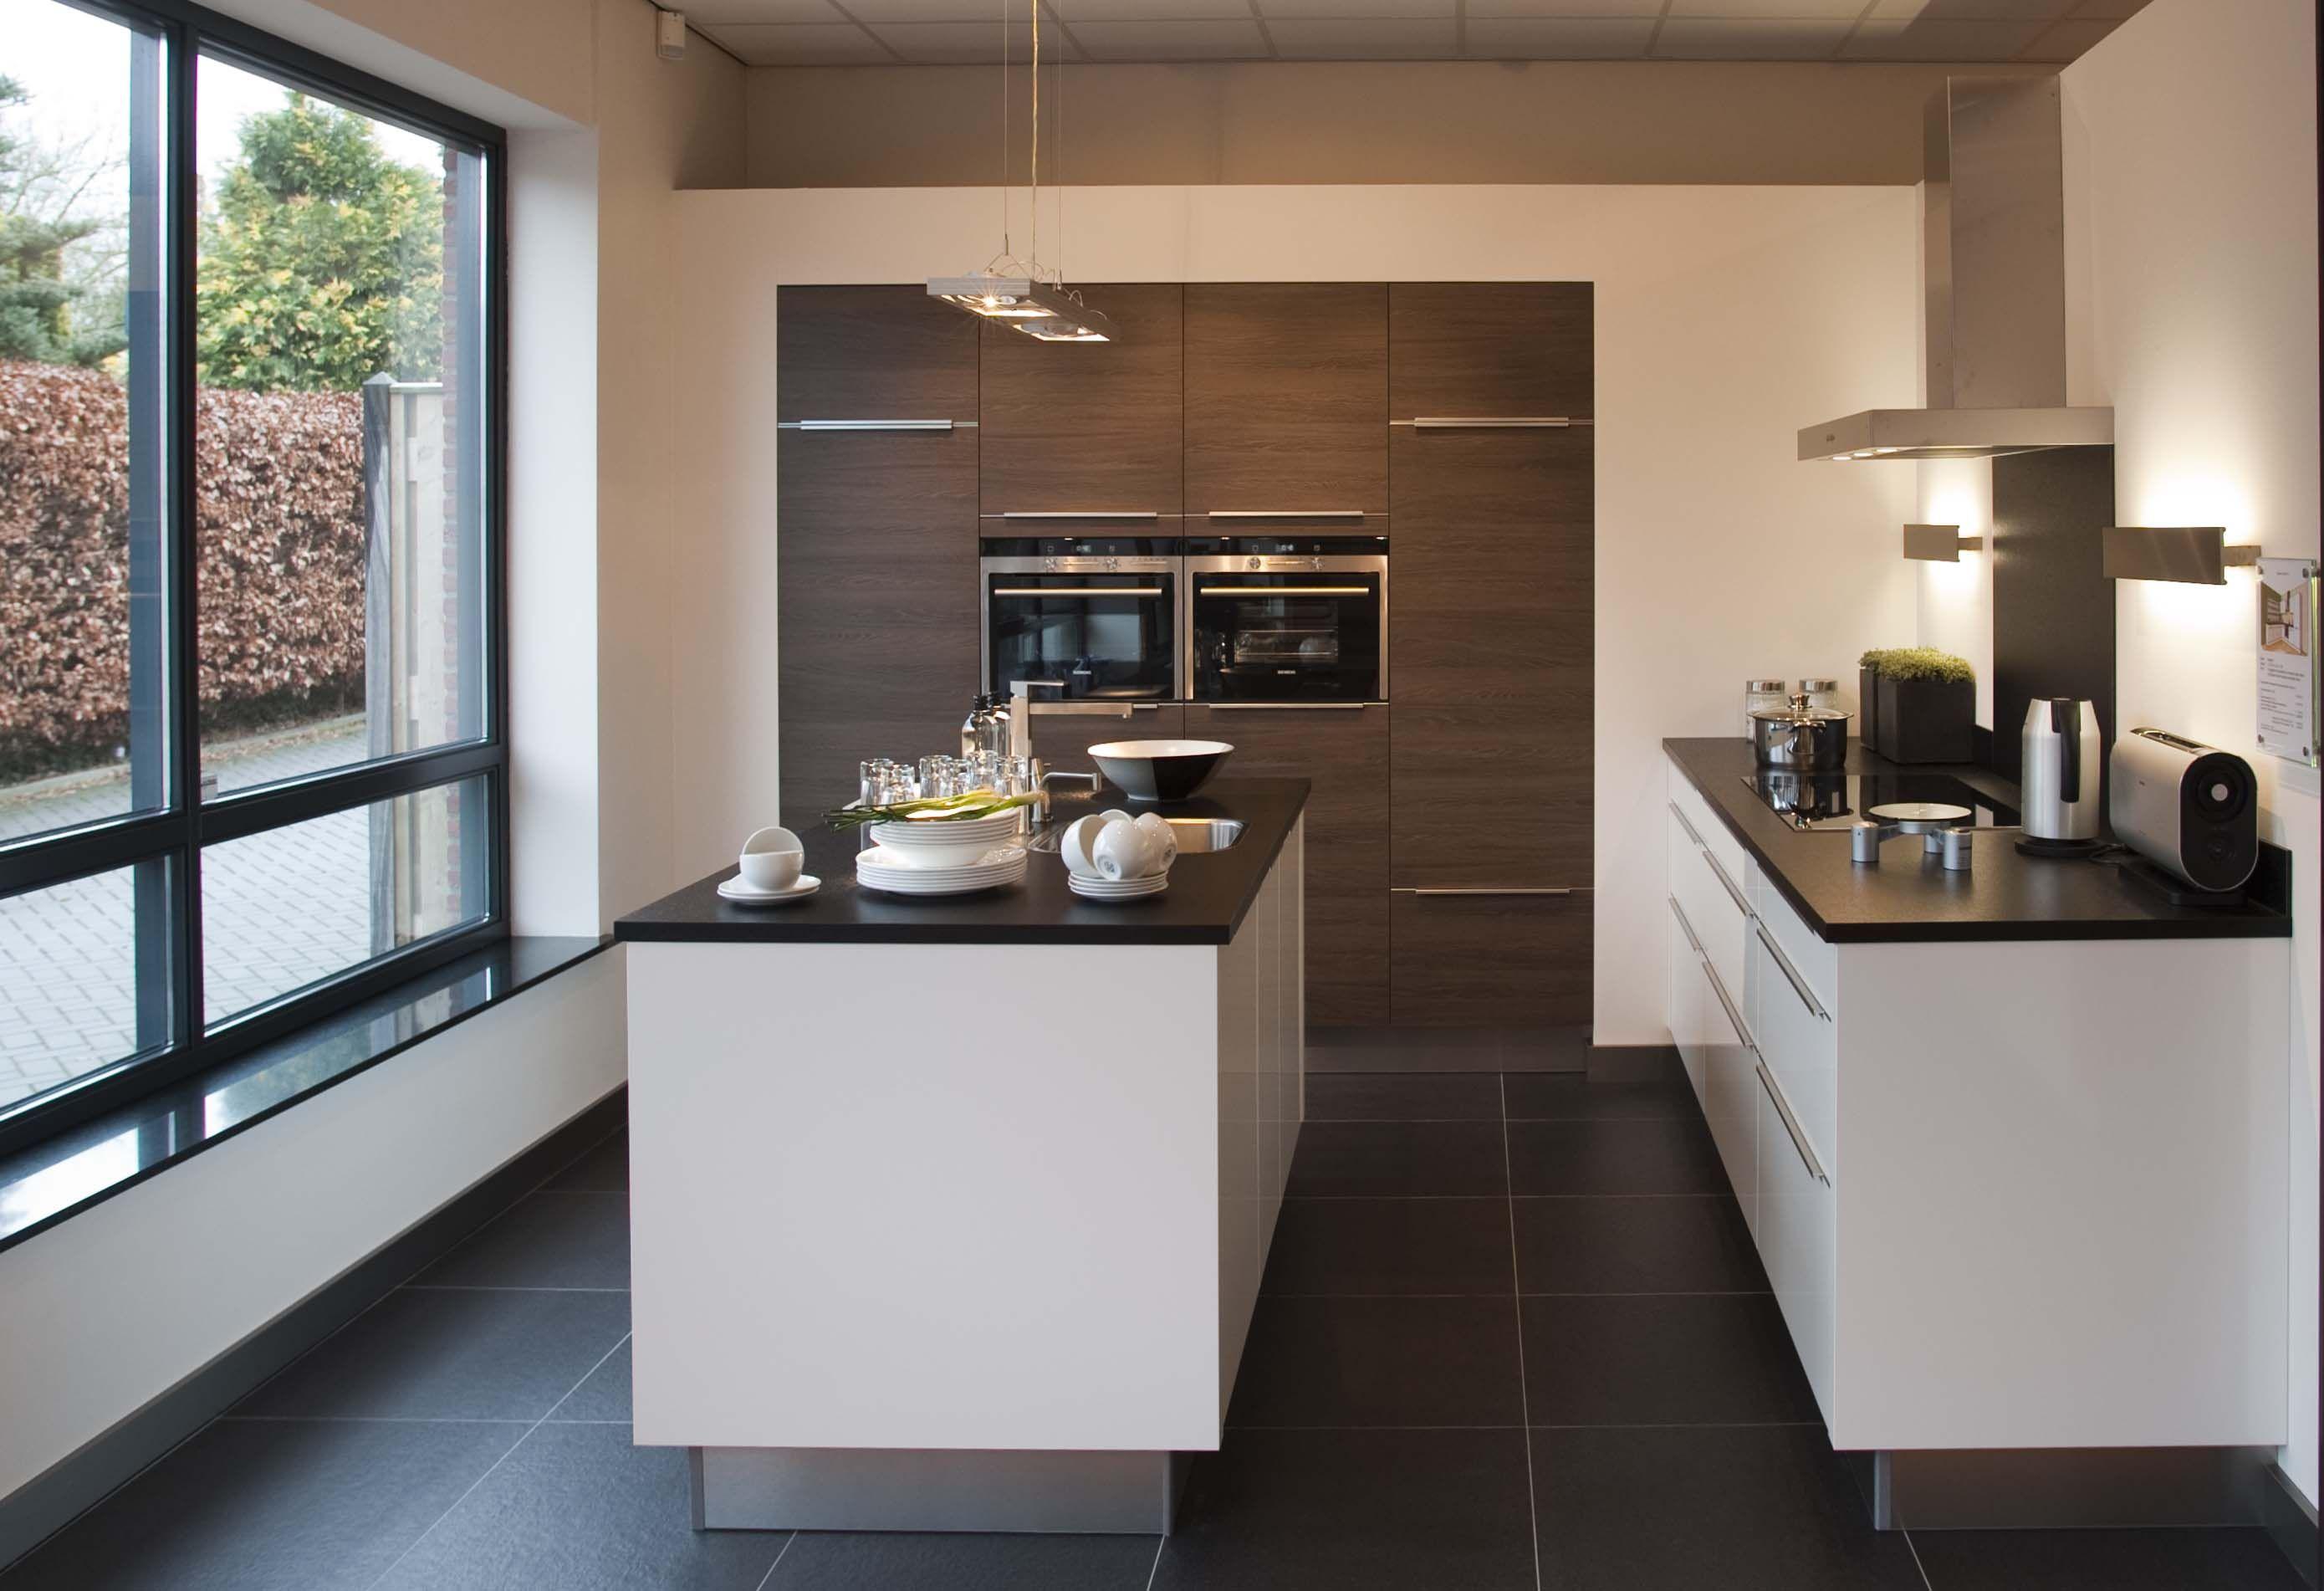 Eiland Keukens Prijzen : Compacte Keuken Met Eiland – Atumre com